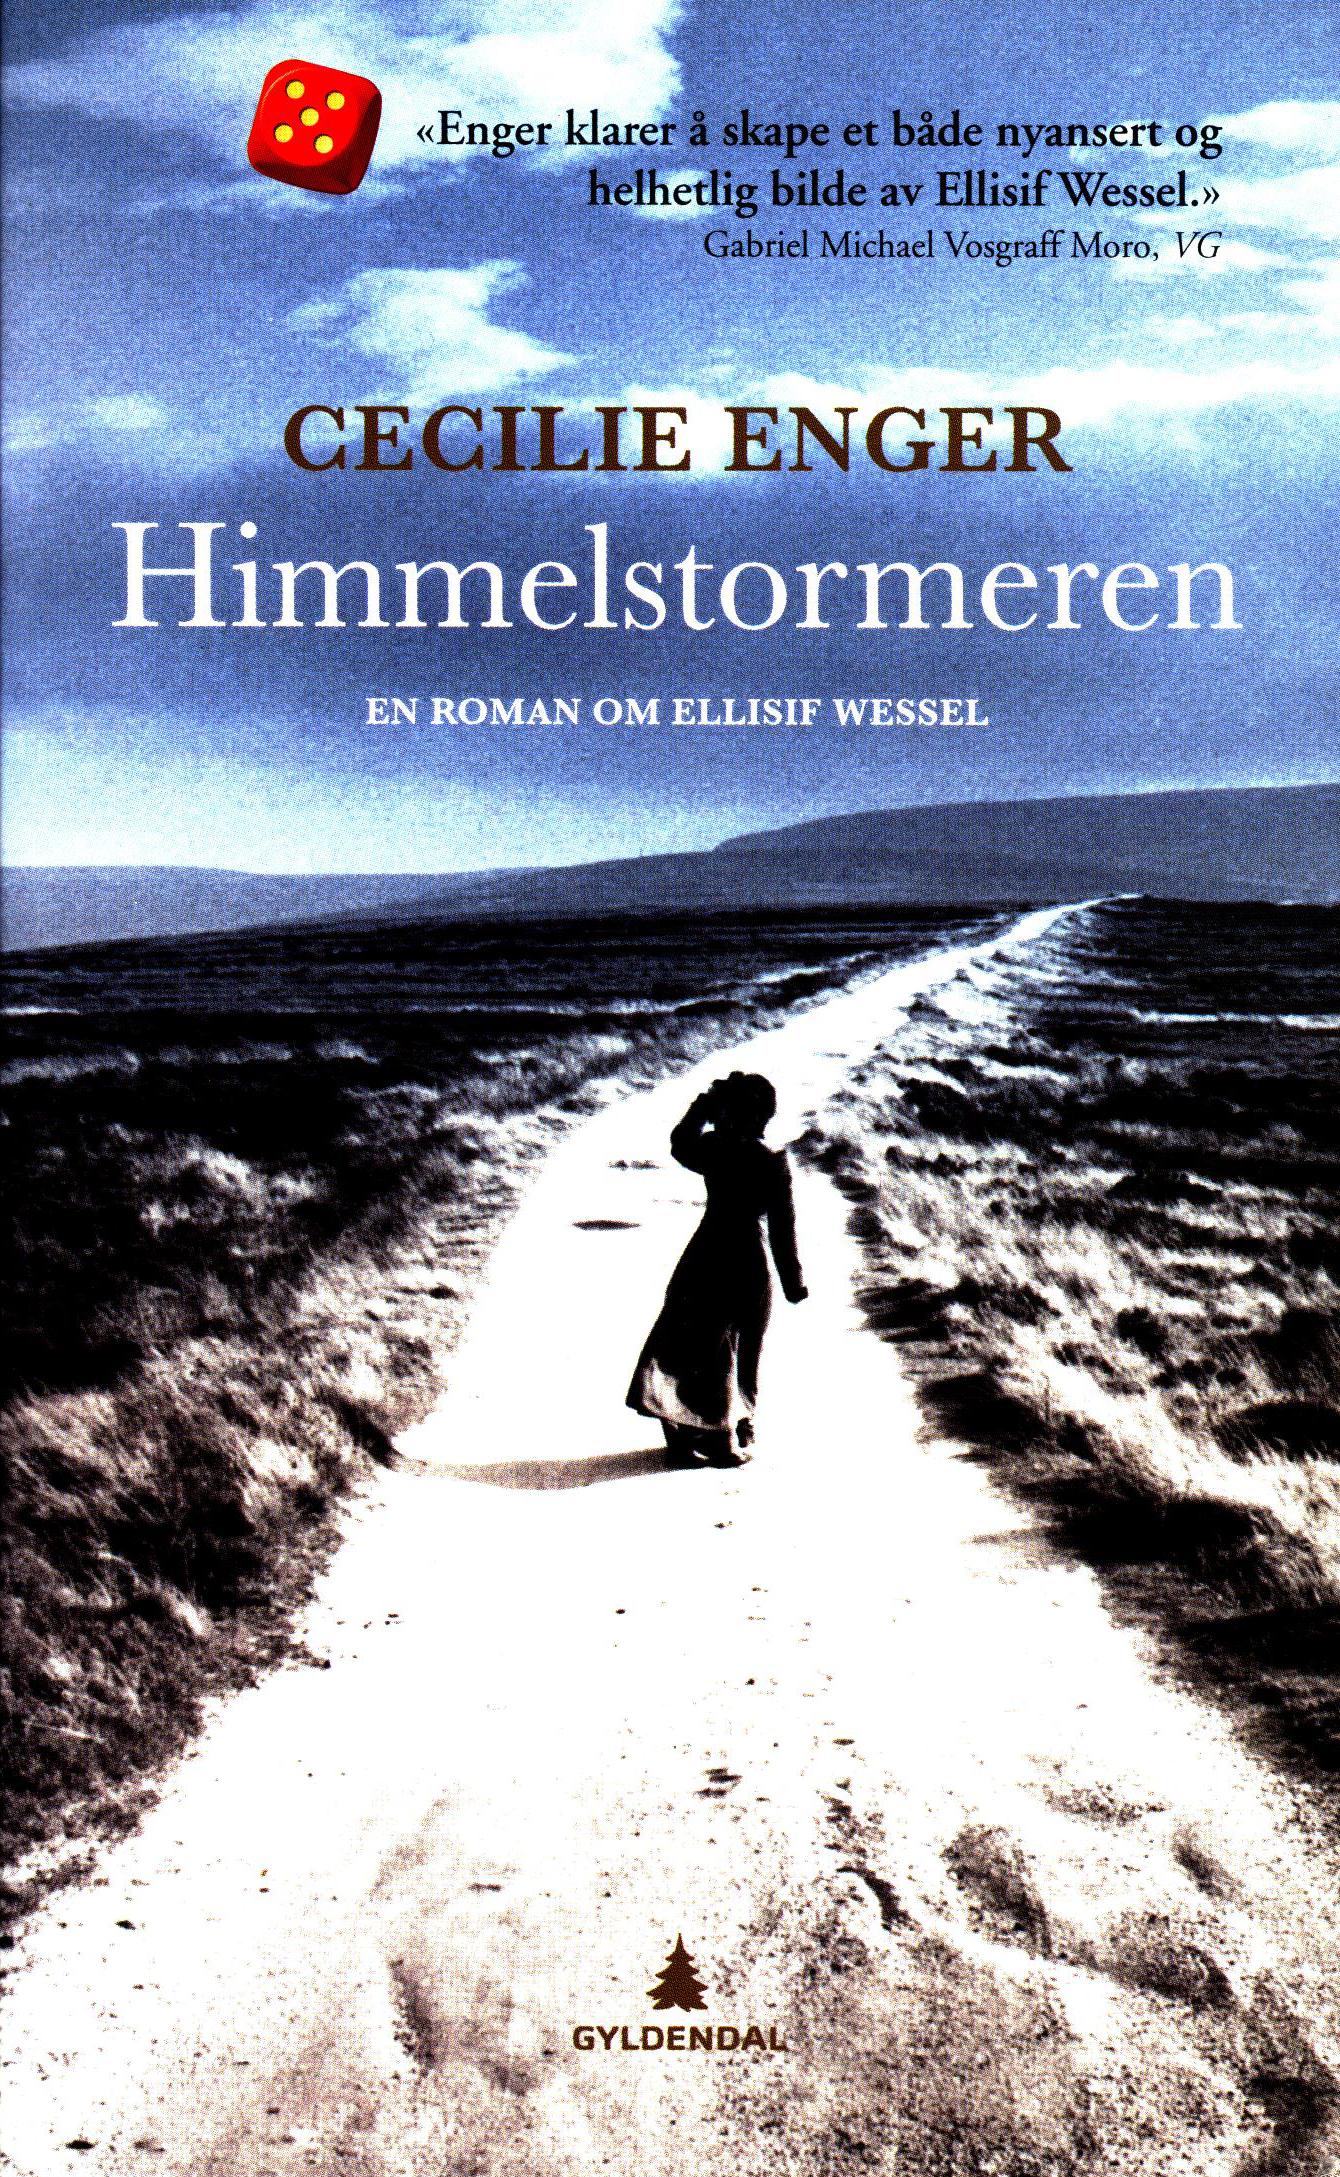 Cecilie Enger: Himmelstormeren - En roman om Ellisif Wessel